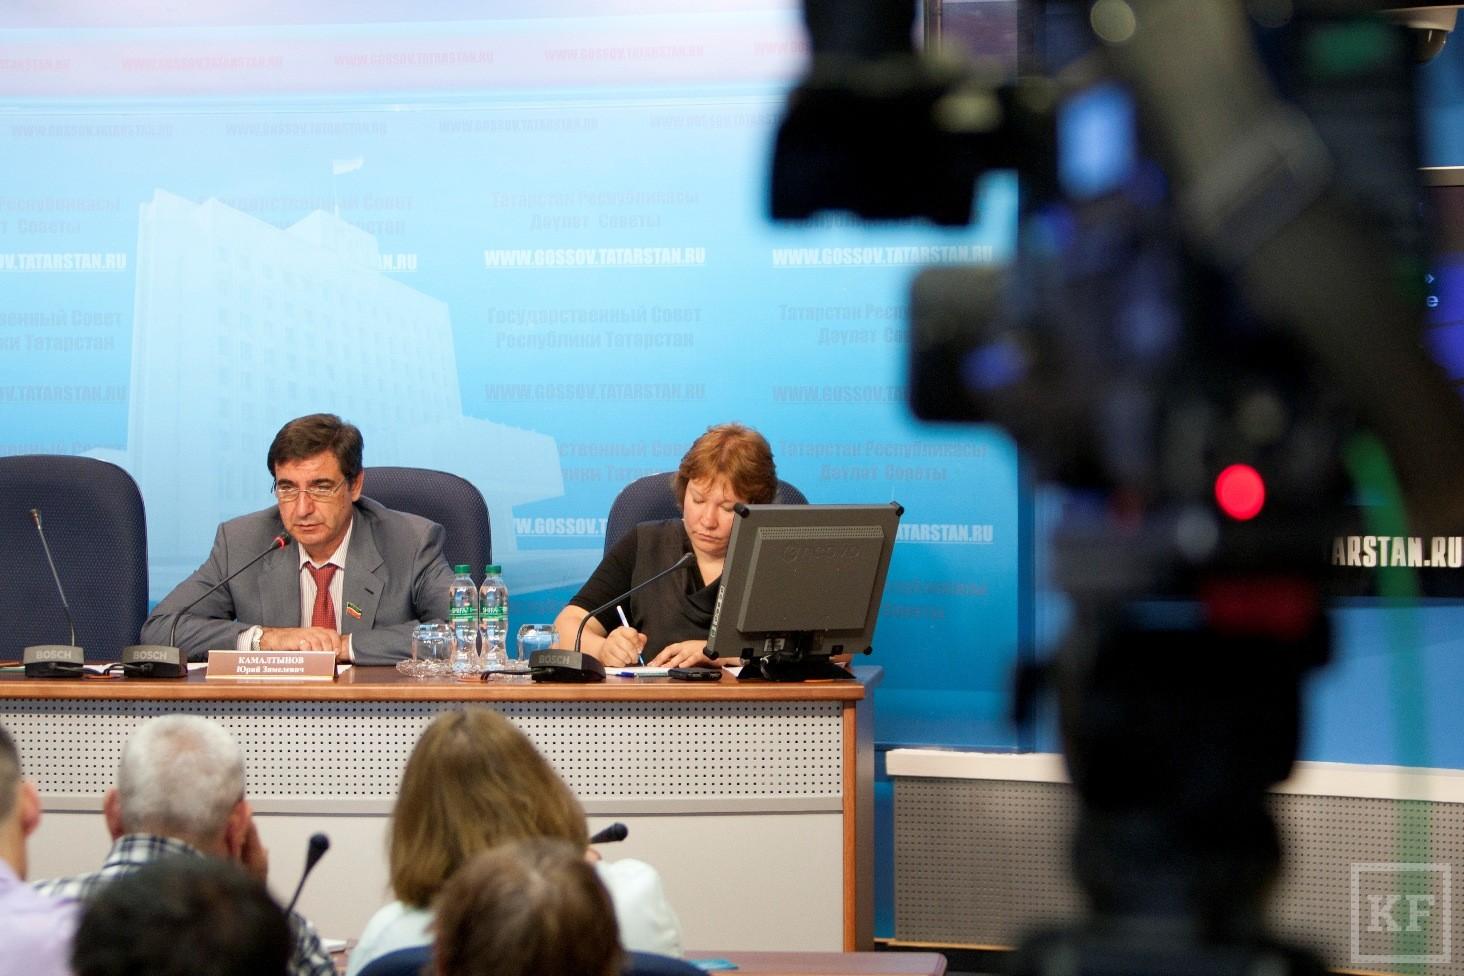 «Единая Россия» претендует на муниципальных выборах на 75-80% голосов